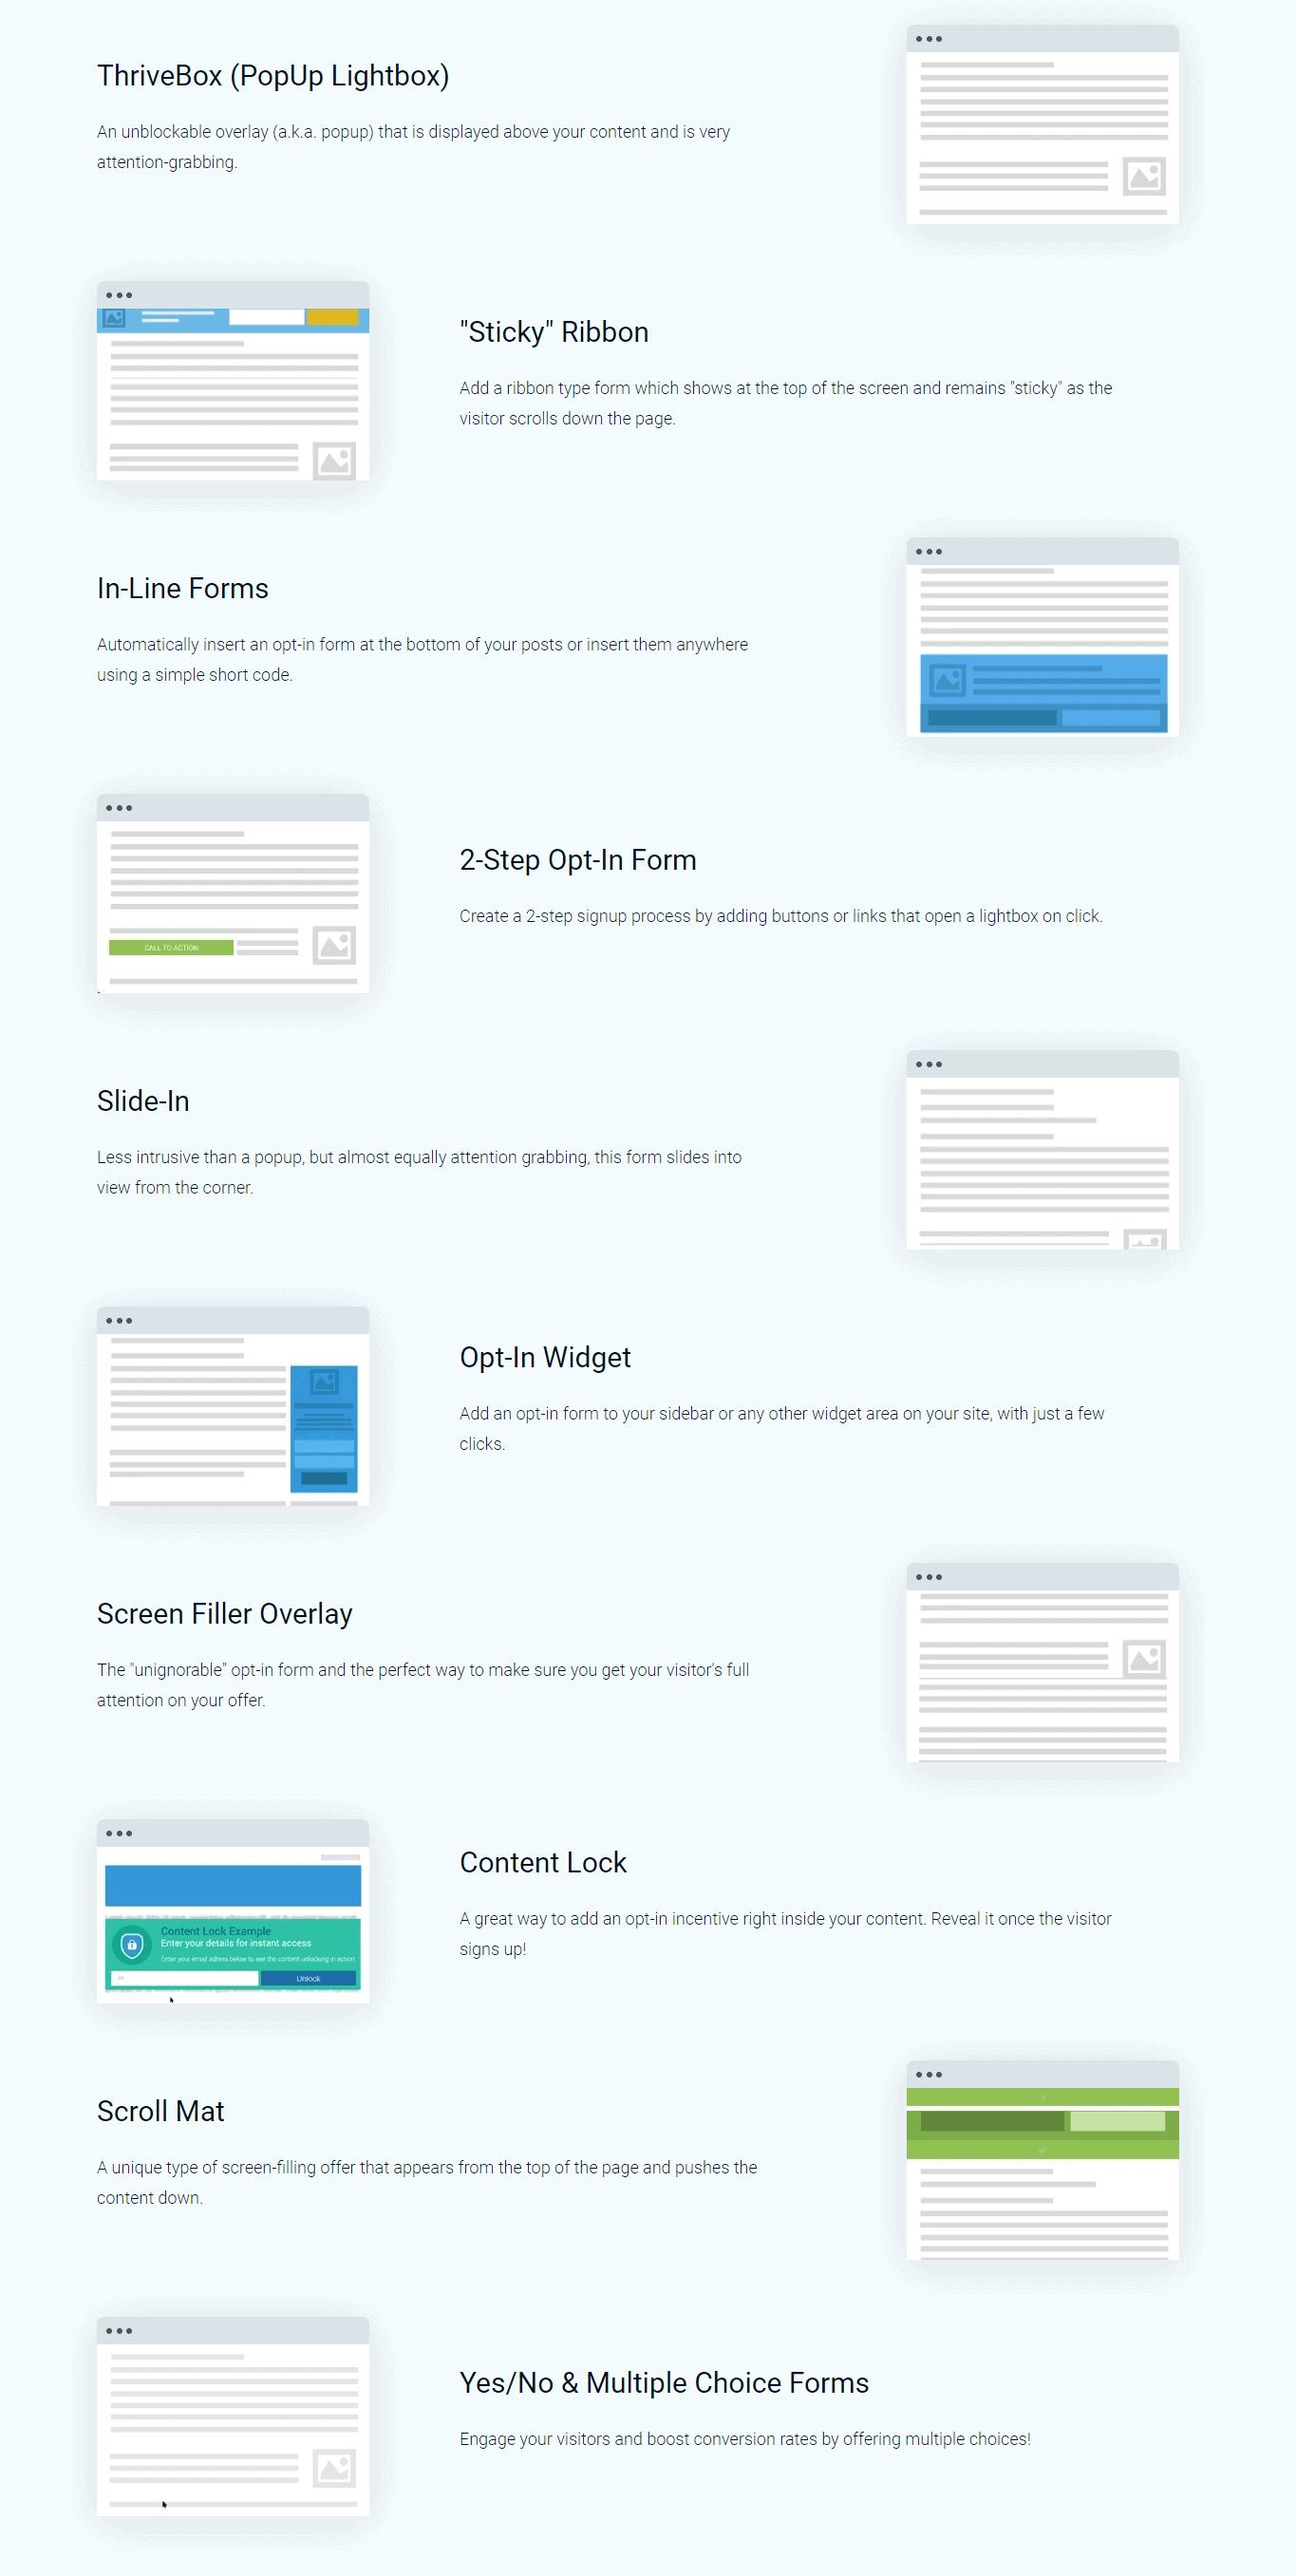 Lead-Gen-Form-Types